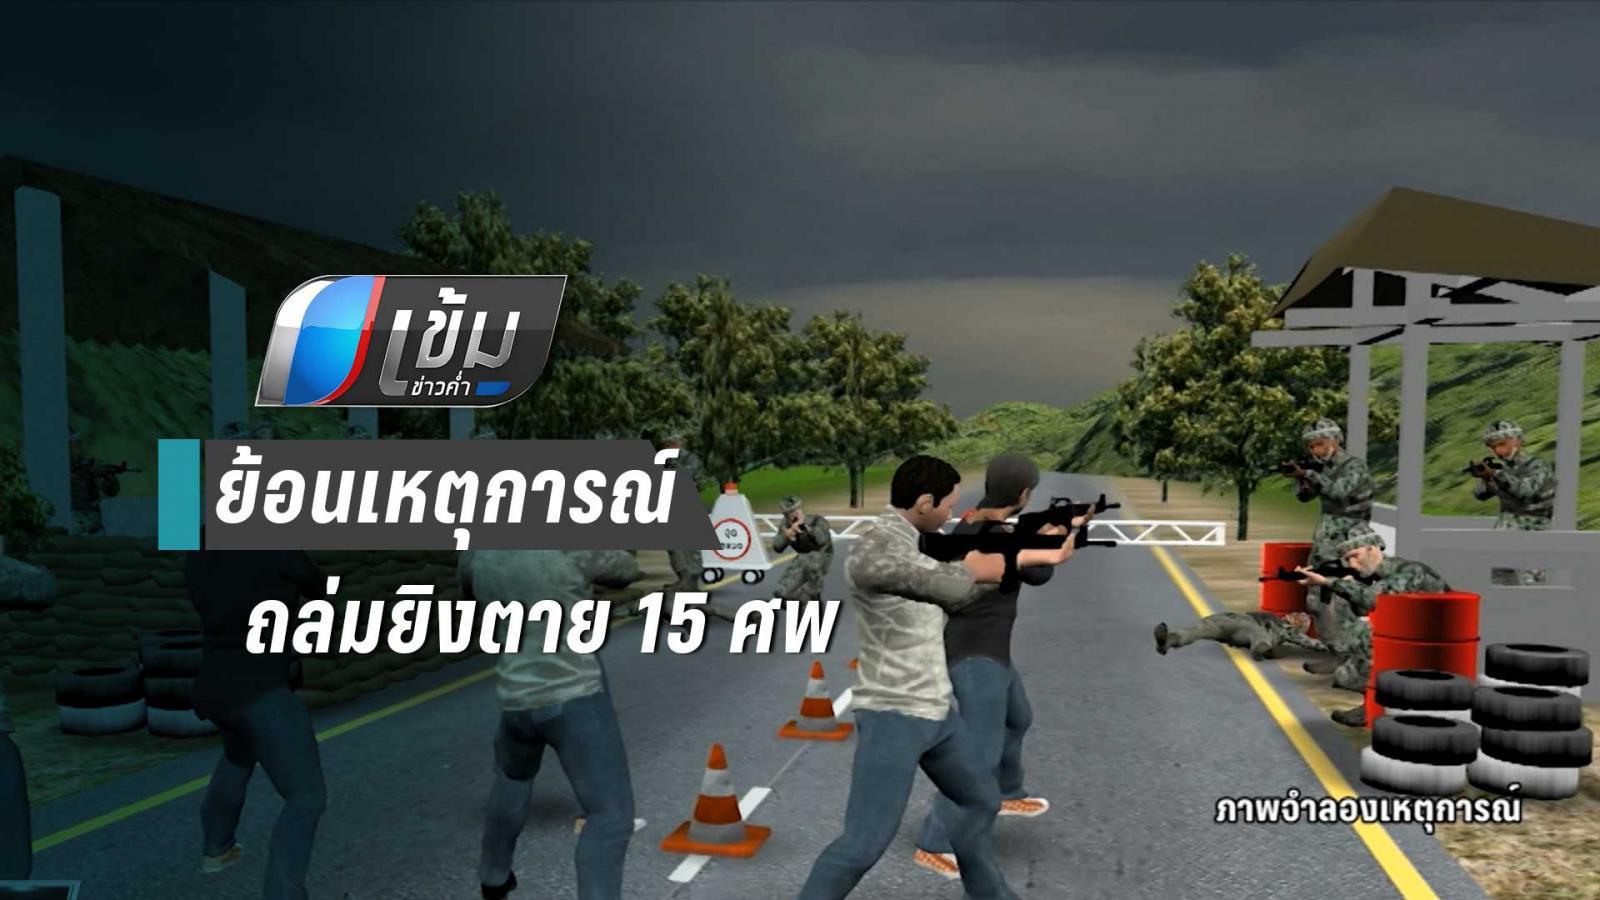 ย้อนเหตุการณ์ถล่มยิงชุดรักษาความปลอดภัยตาย 15 ศพ